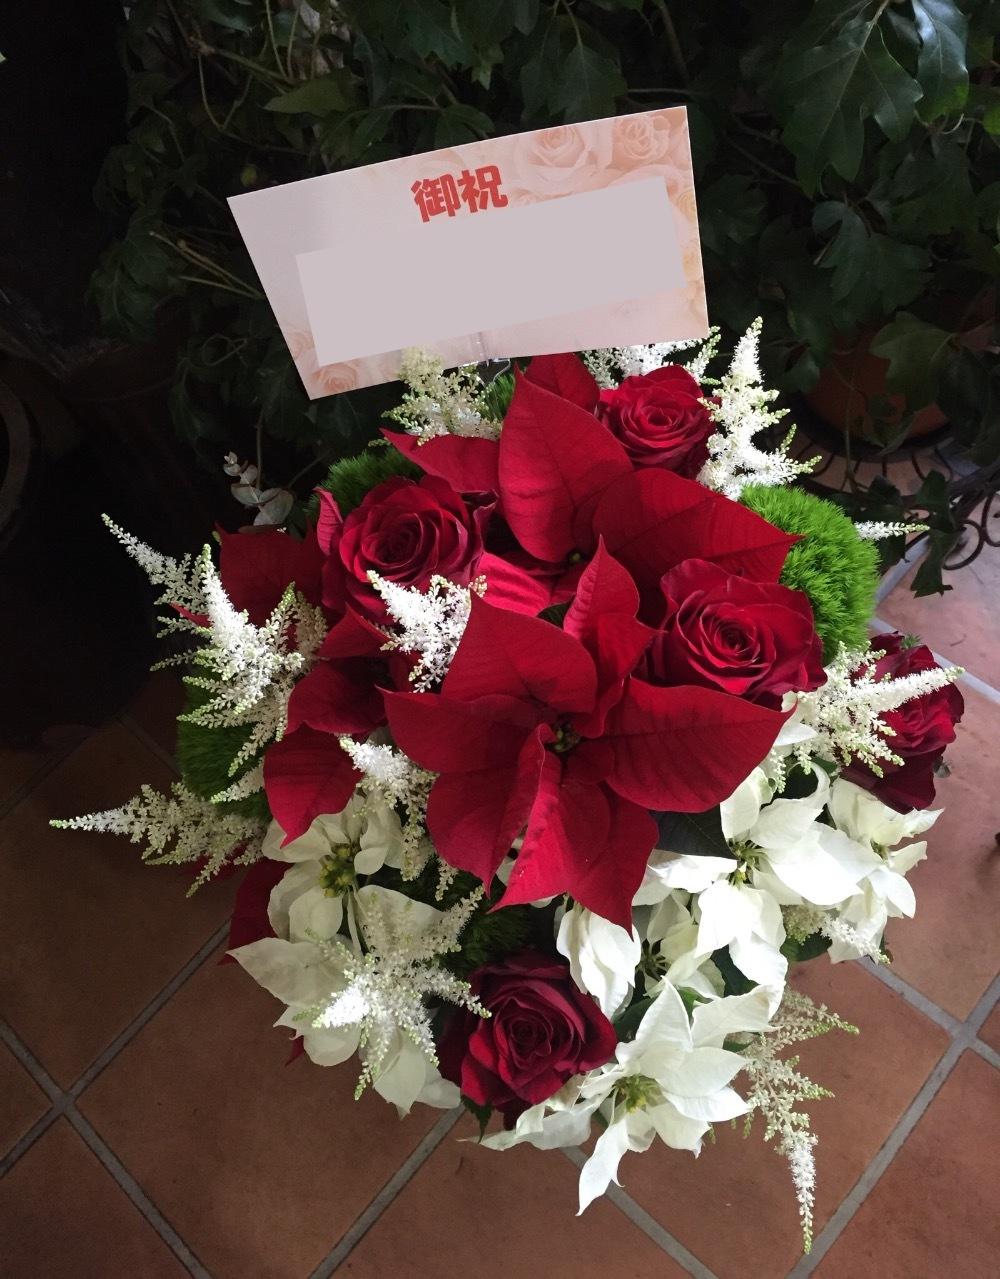 パシフィコ横浜 公演 [クリスマスファンミーティング] ご出演祝いの楽屋花